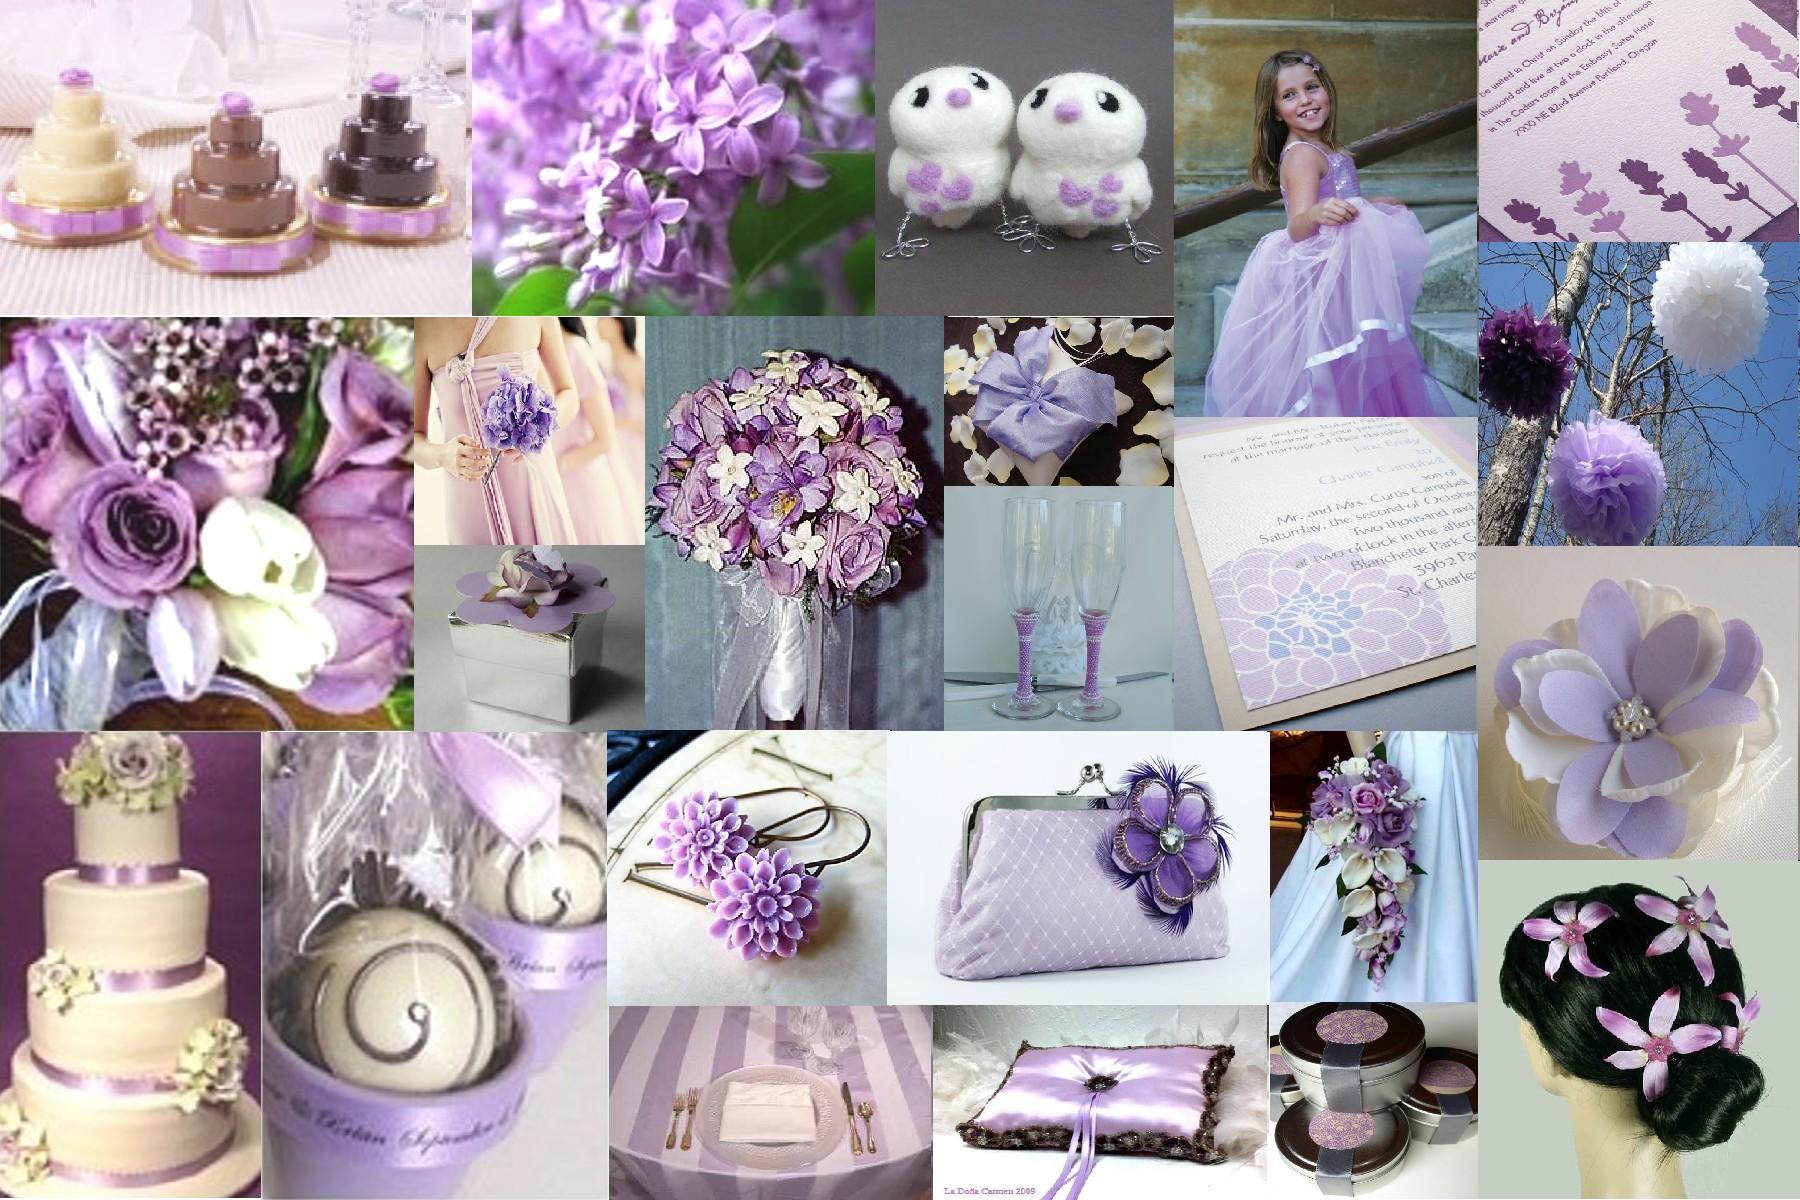 видеосъемка цвет свадьба2323445